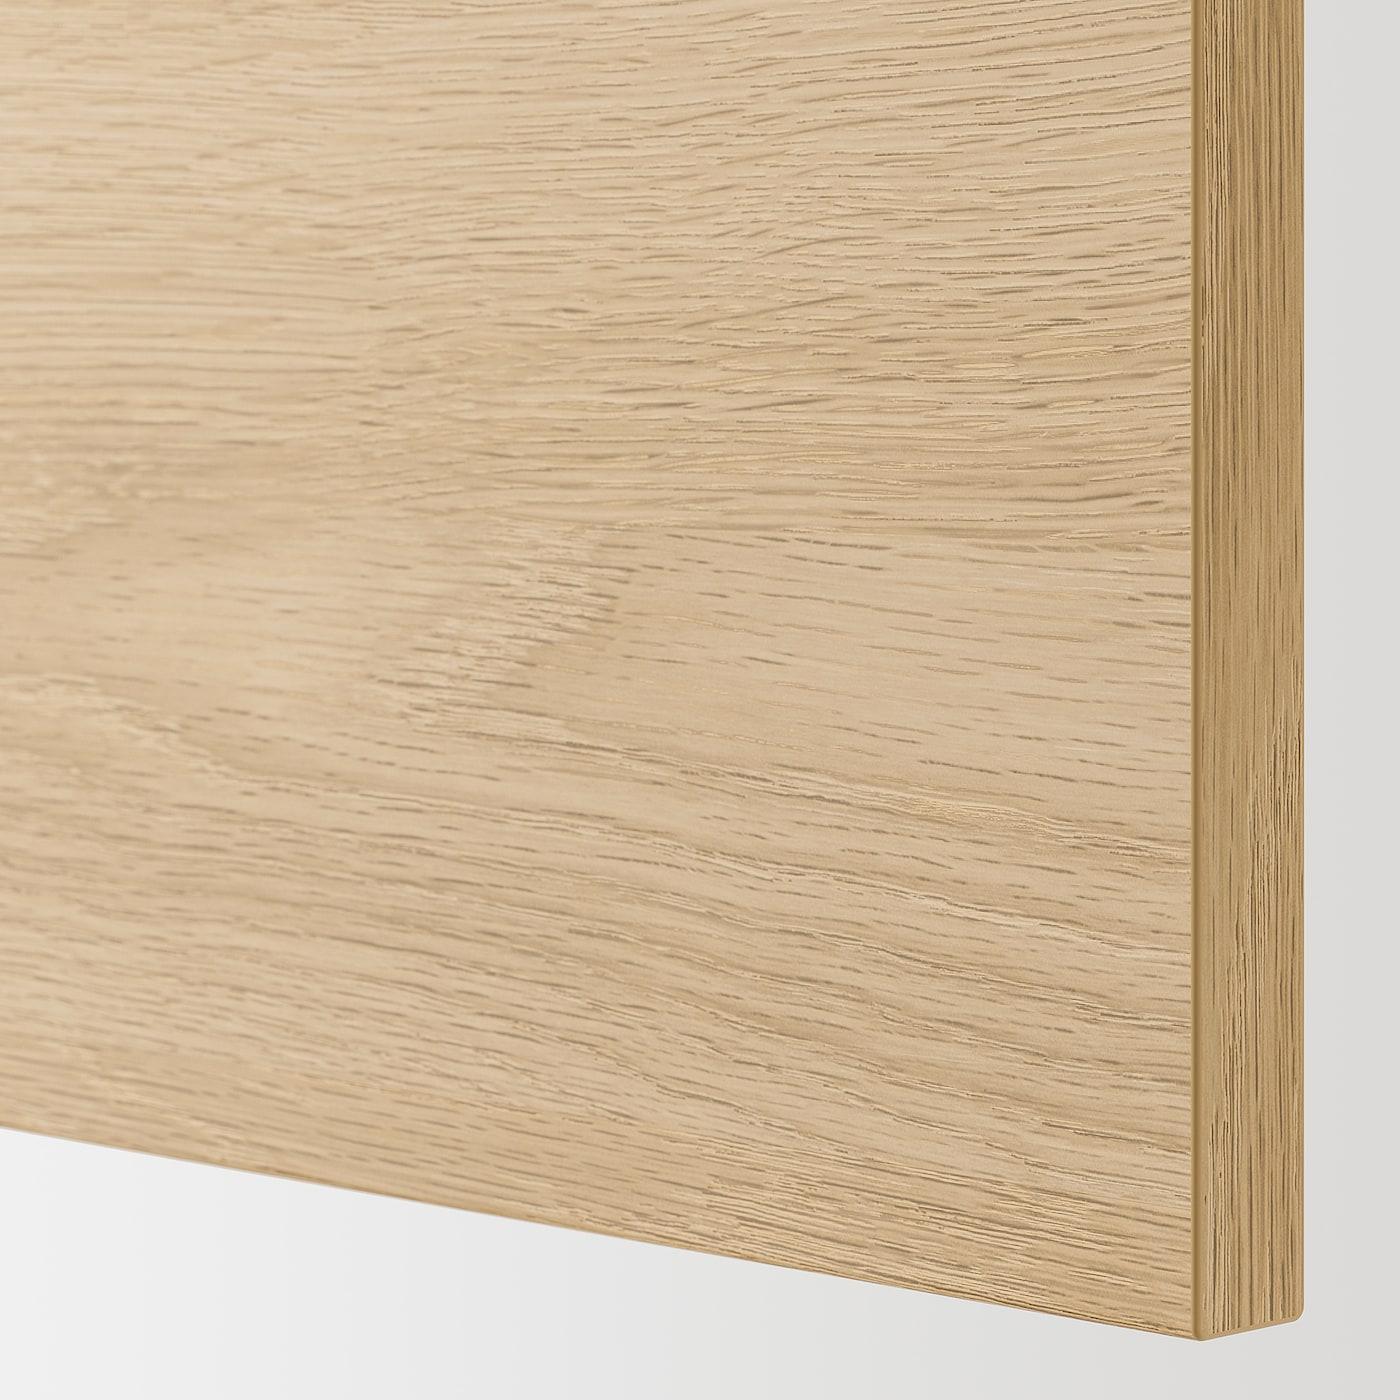 ENHET Bc w shlf/door, white/oak effect, 40x62x75 cm